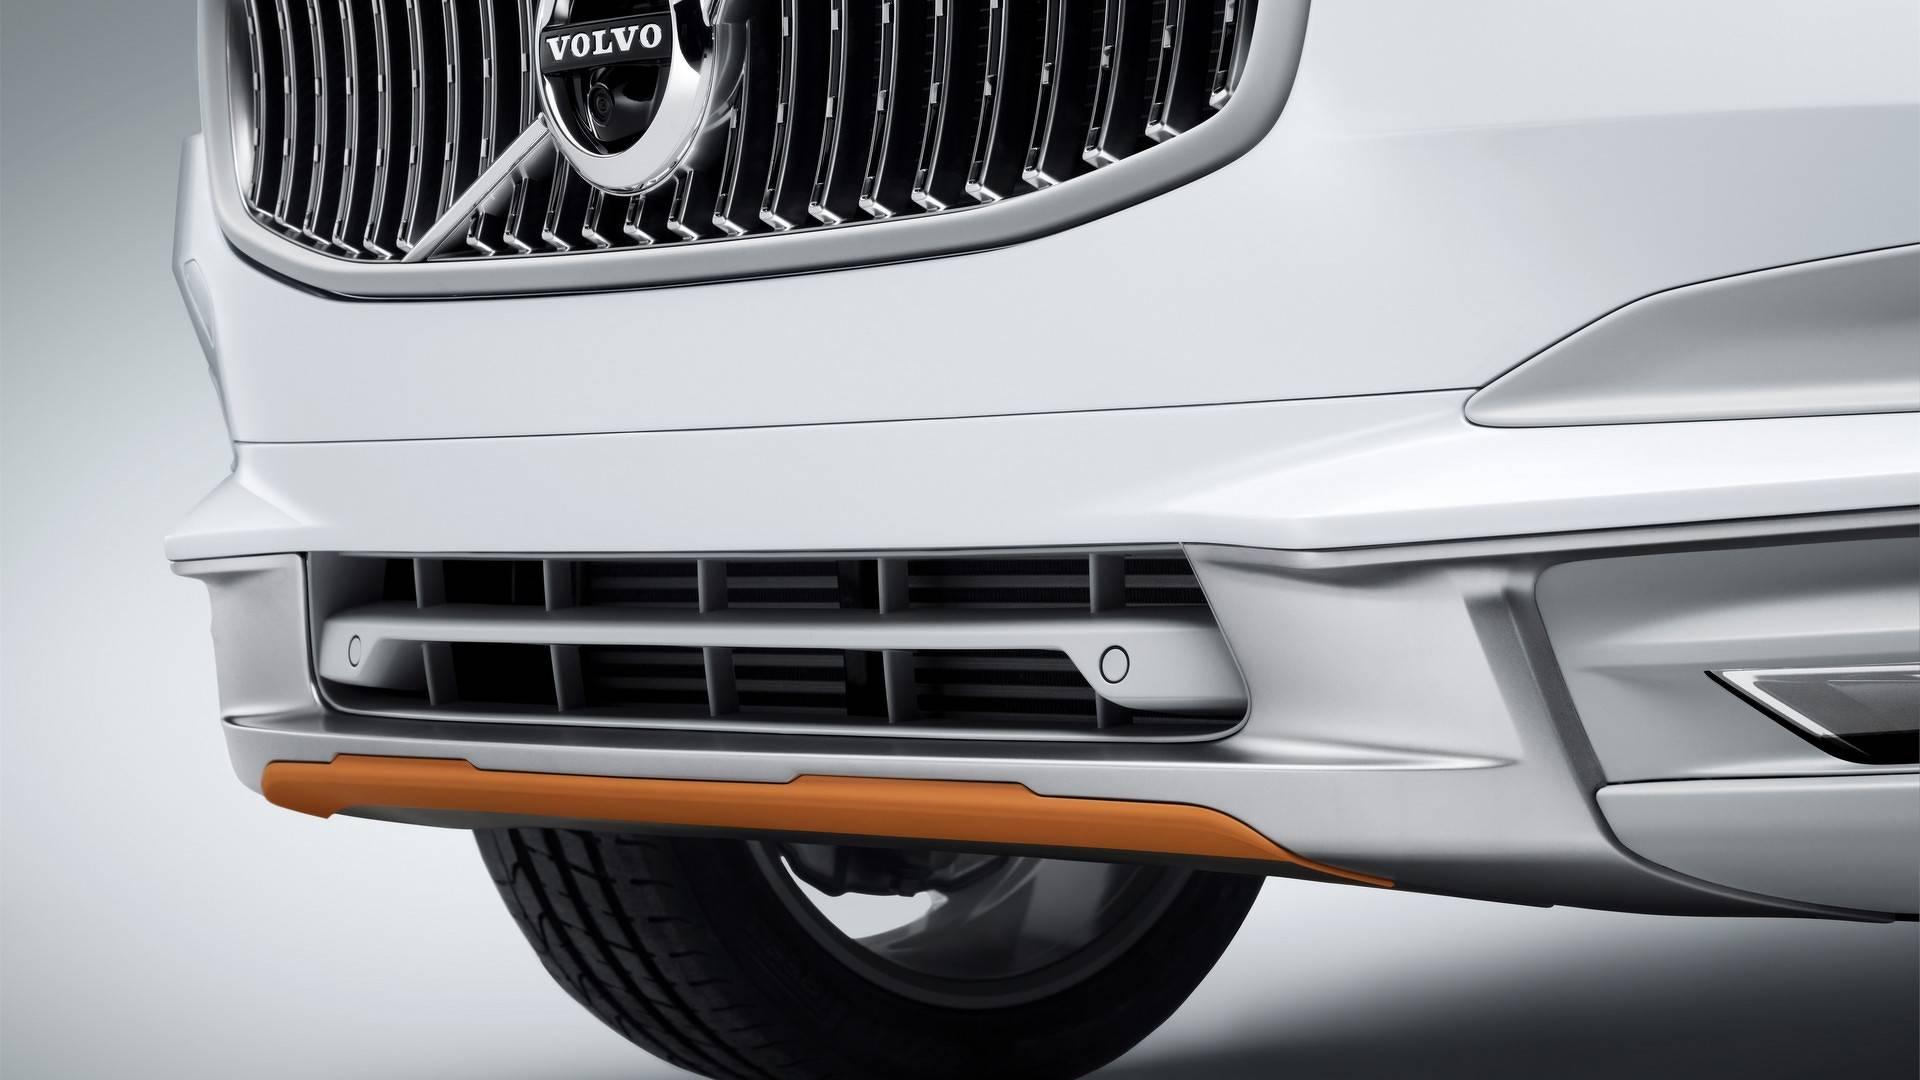 Xe++ - Volvo giới thiệu phiên bản đặc biệt V90 Cross Country Ocean Race  (Hình 3).